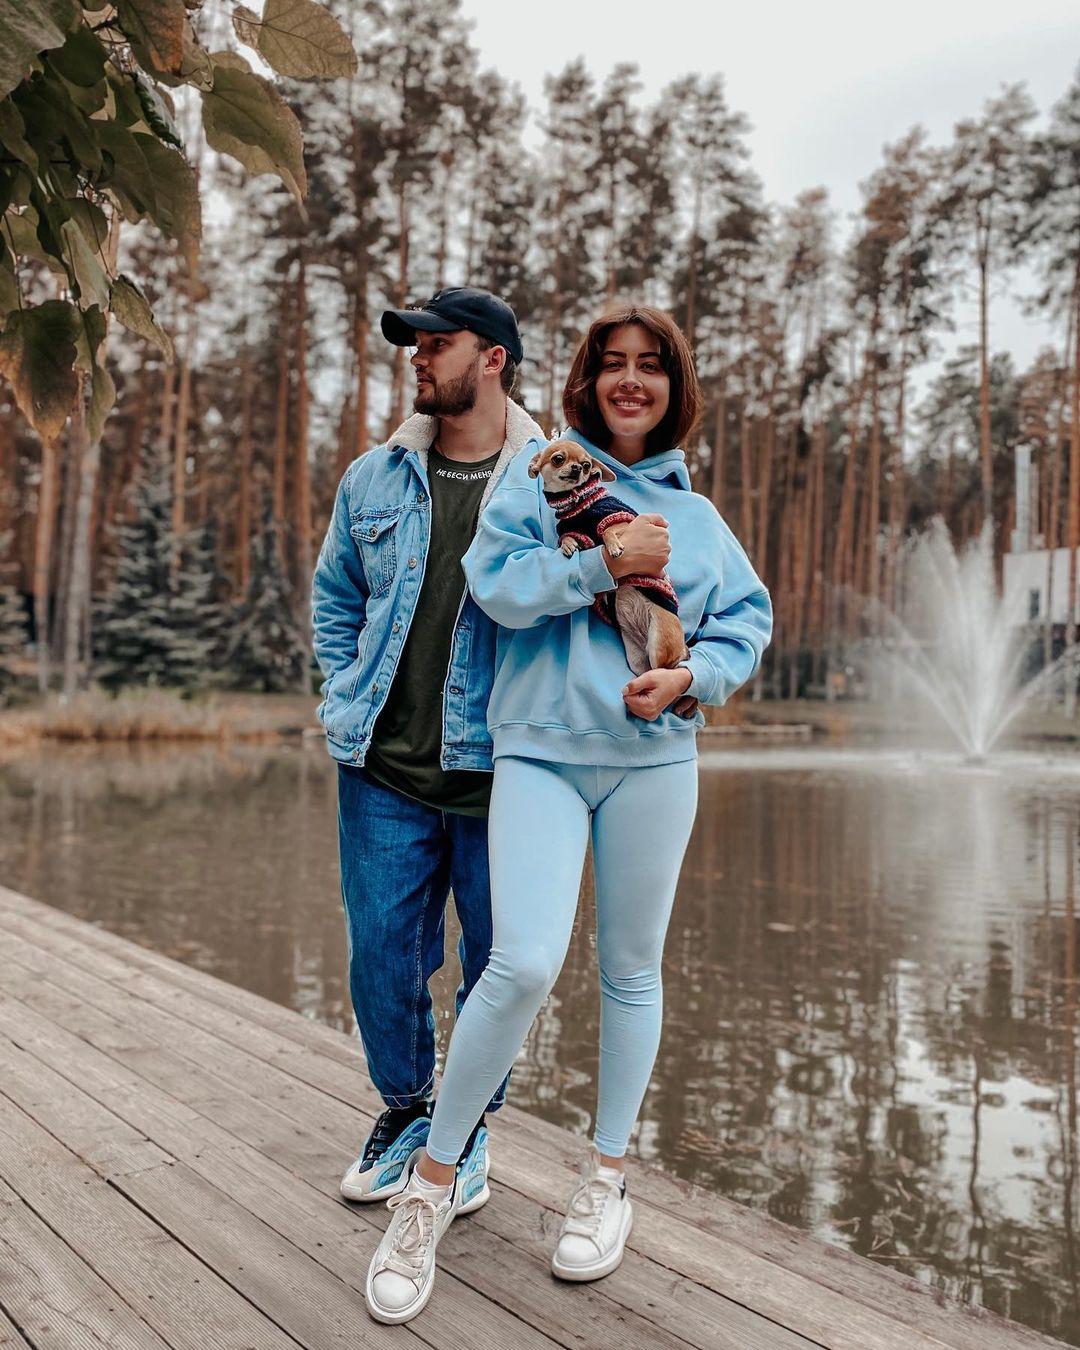 Бывшая невеста Козловского выходит замуж: Рамина показала кольцо